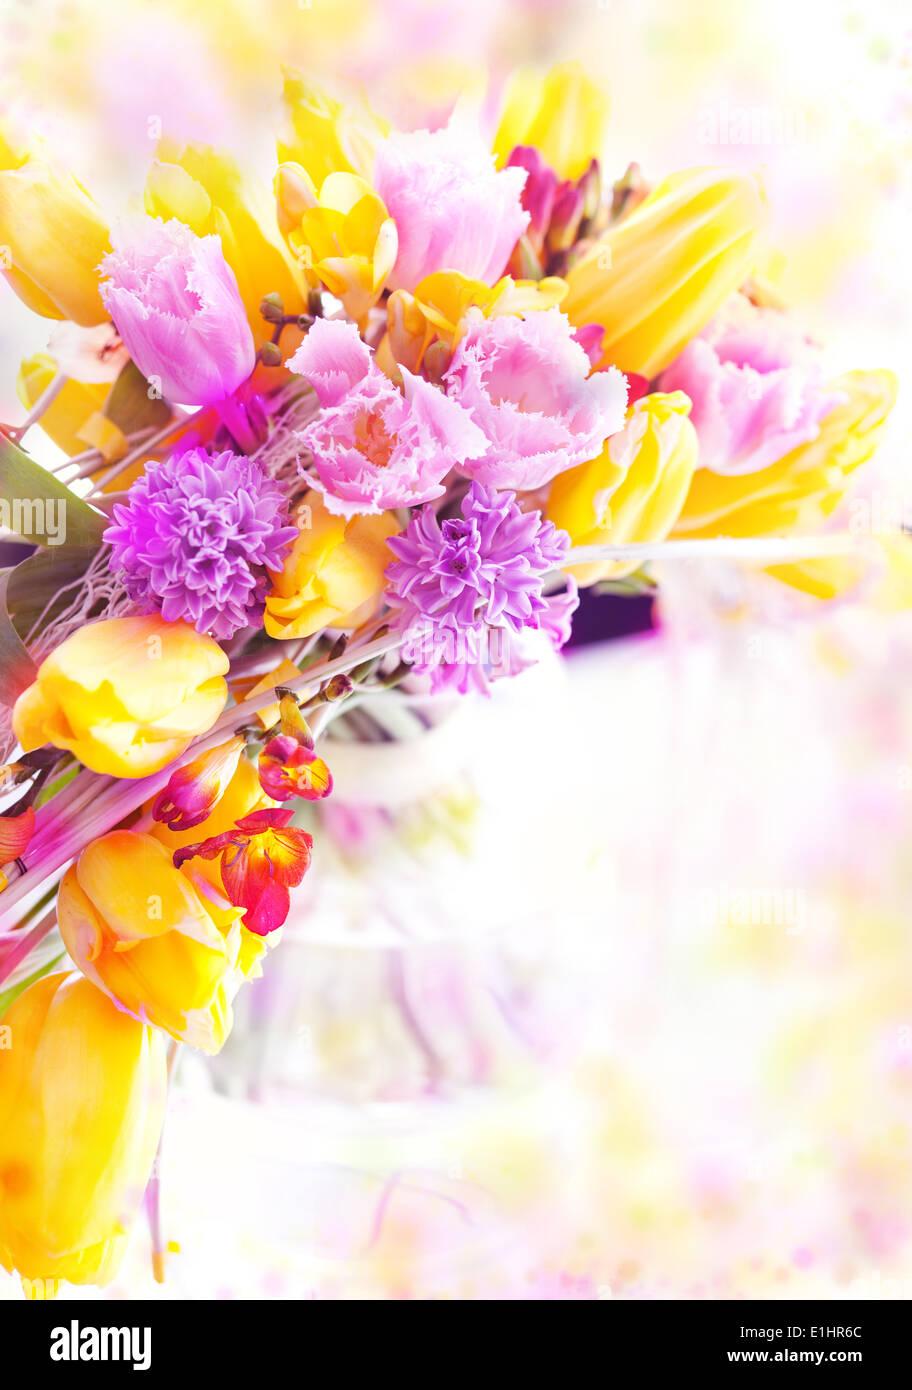 Maison de vacances. De belles fleurs de printemps - tulipes jaunes comme arrière-plan de fête Banque D'Images